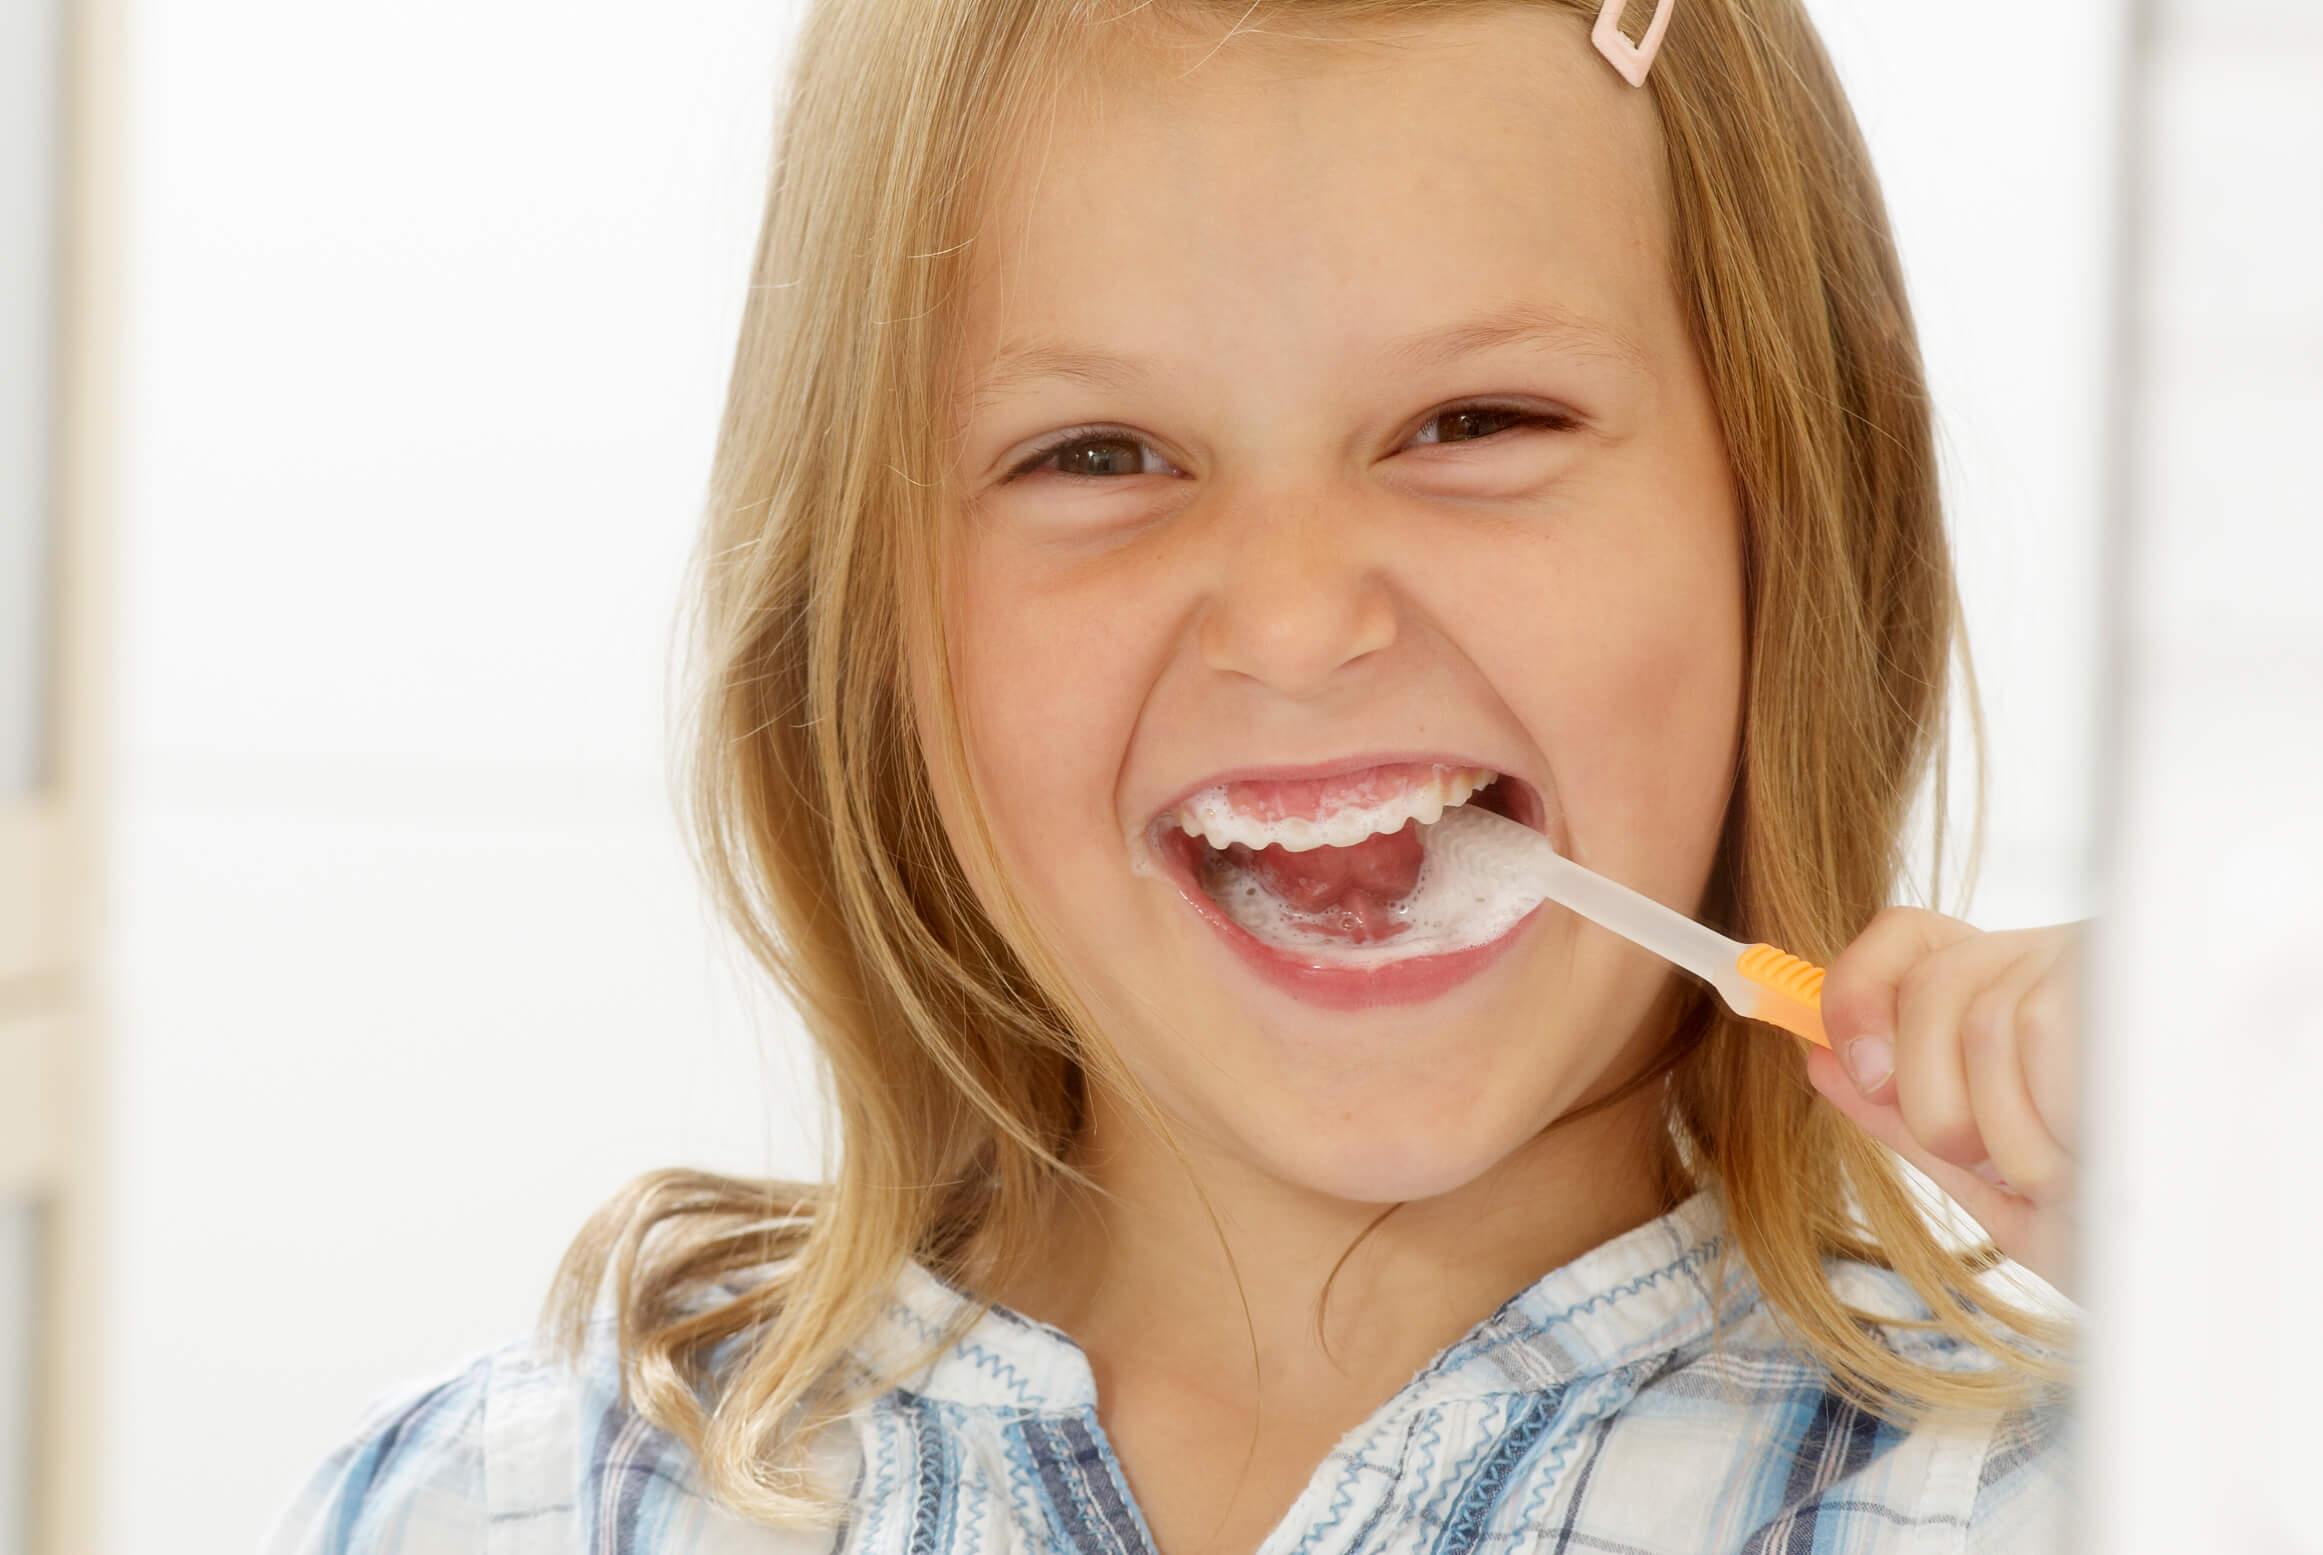 Schluss mit der Panikmache: Fluorid ist gut für Zähne und schützt